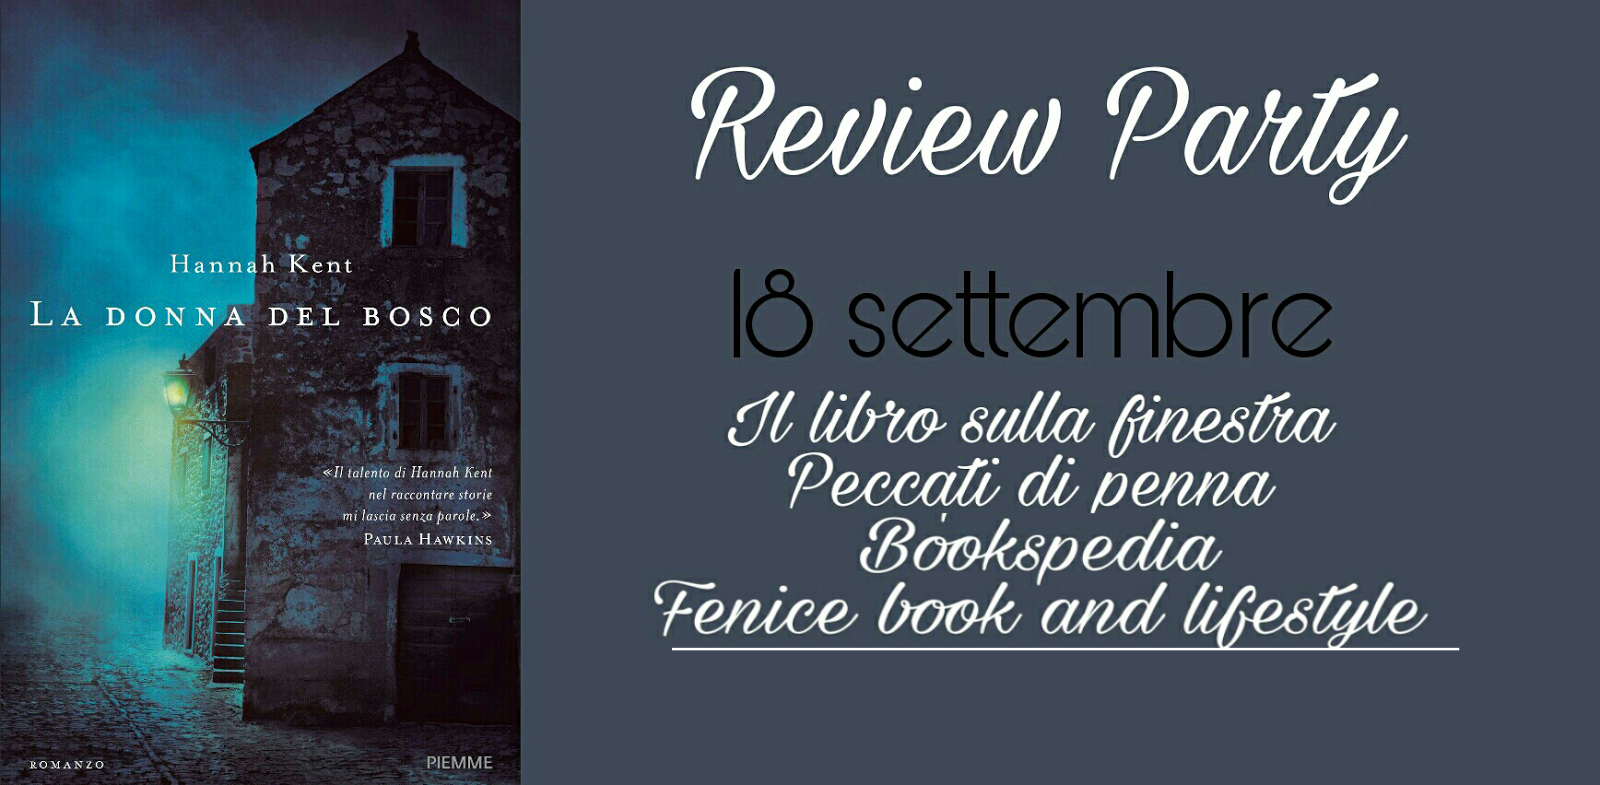 Il libro sulla finestra recensione la donna del bosco - La finestra di fronte trama ...